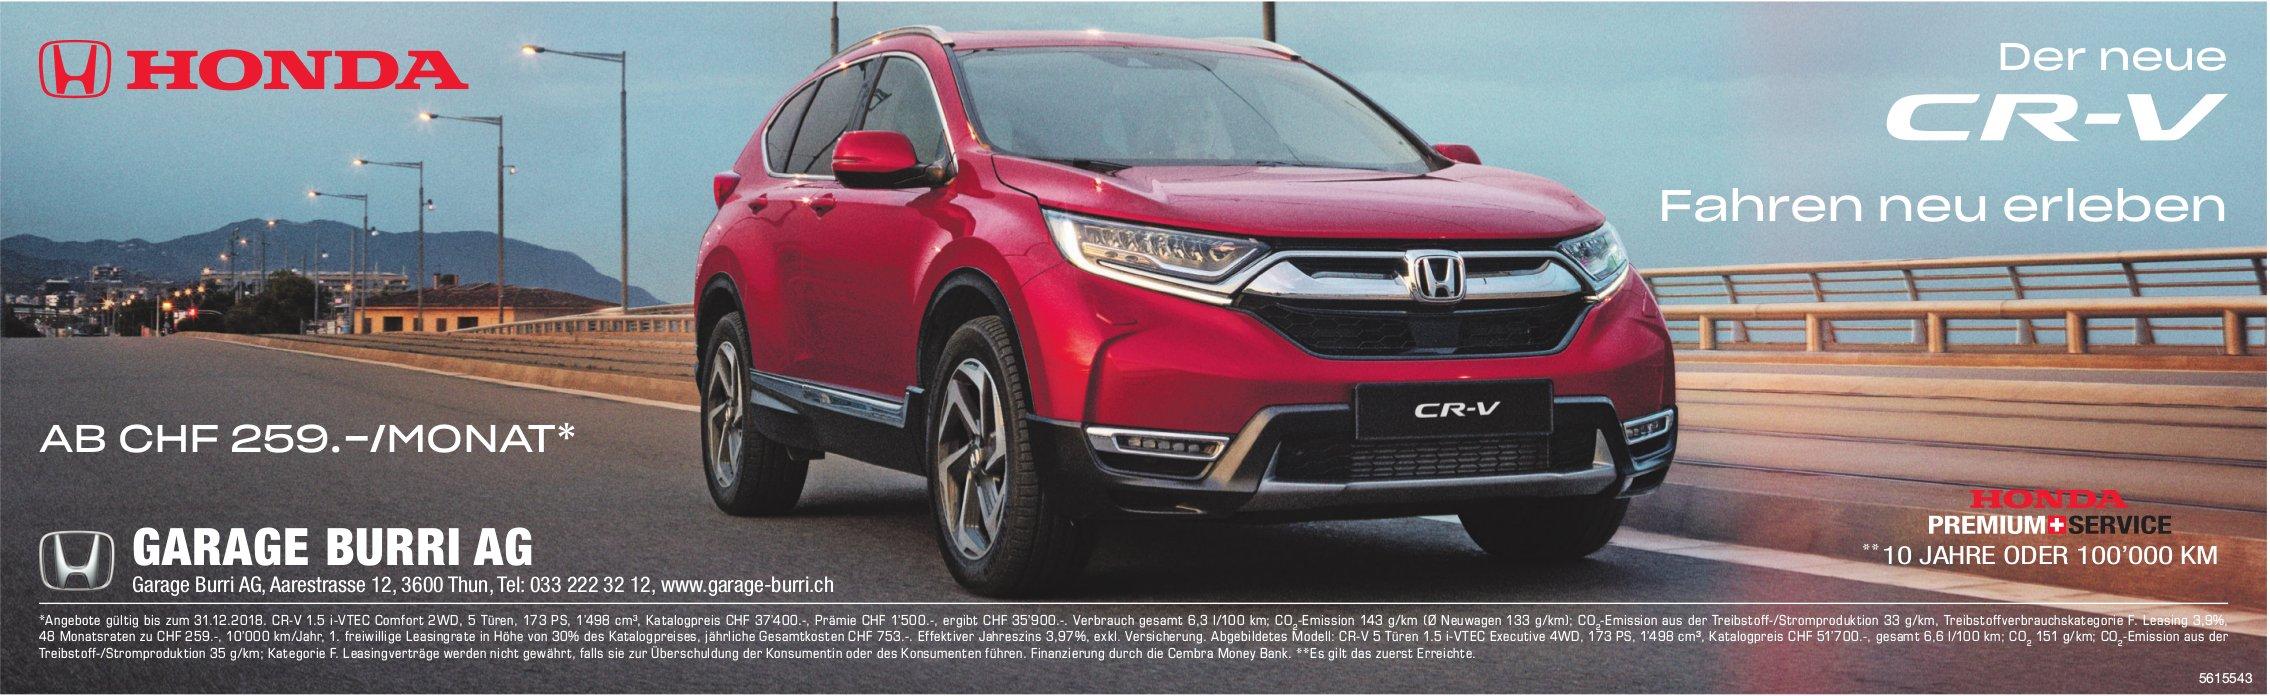 GARAGE BURRI AG - Der neue Honda CR-V: Fahren neu erleben